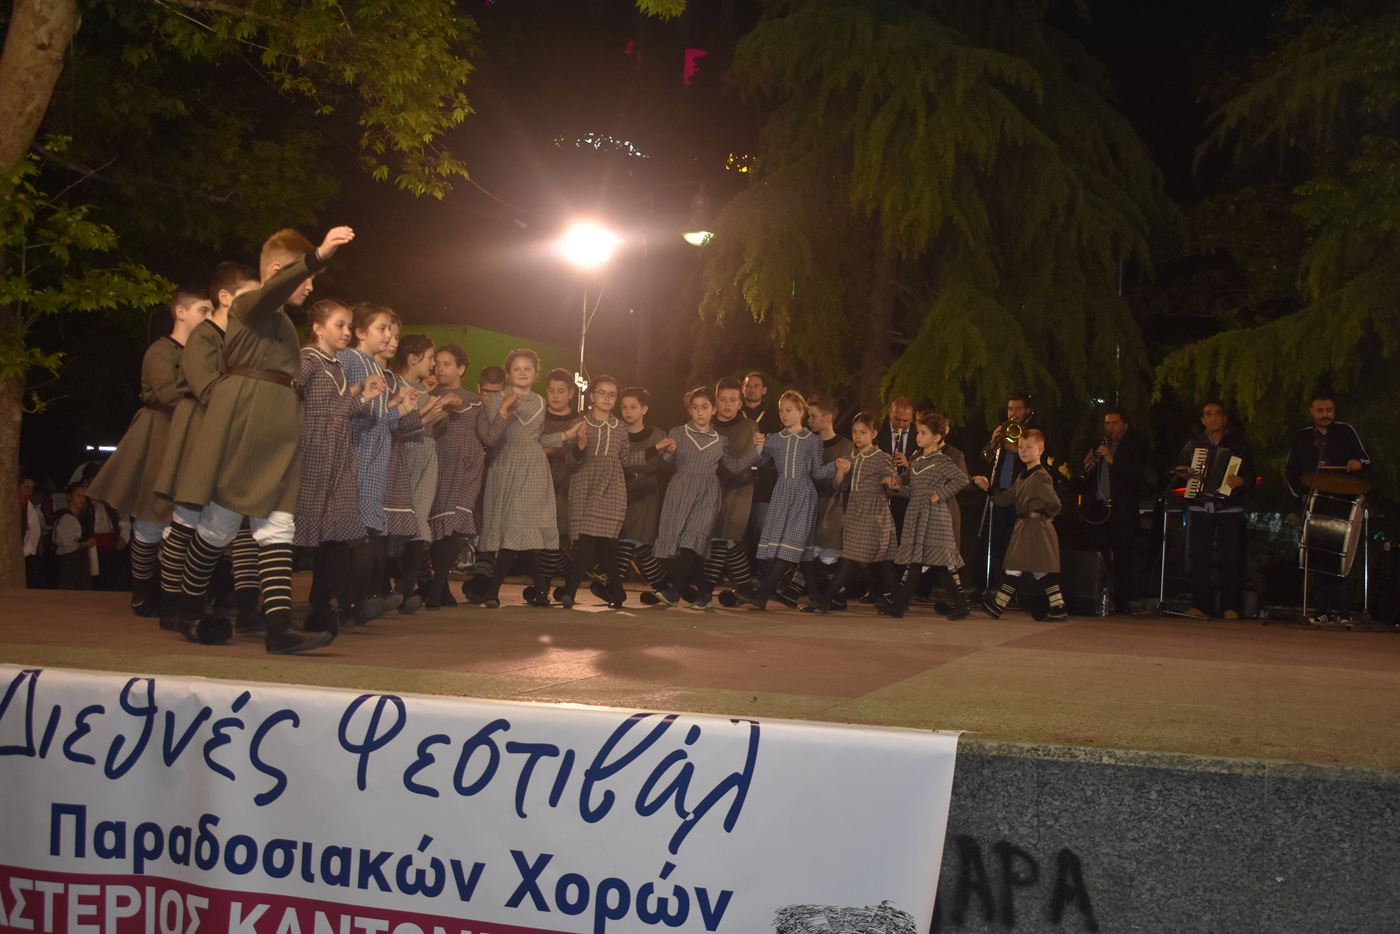 Στους ρυθμούς του 4ου Διεθνούς Φεστιβάλ Παραδοσιακών Χορών η Λάρισα (φωτο - βίντεο)